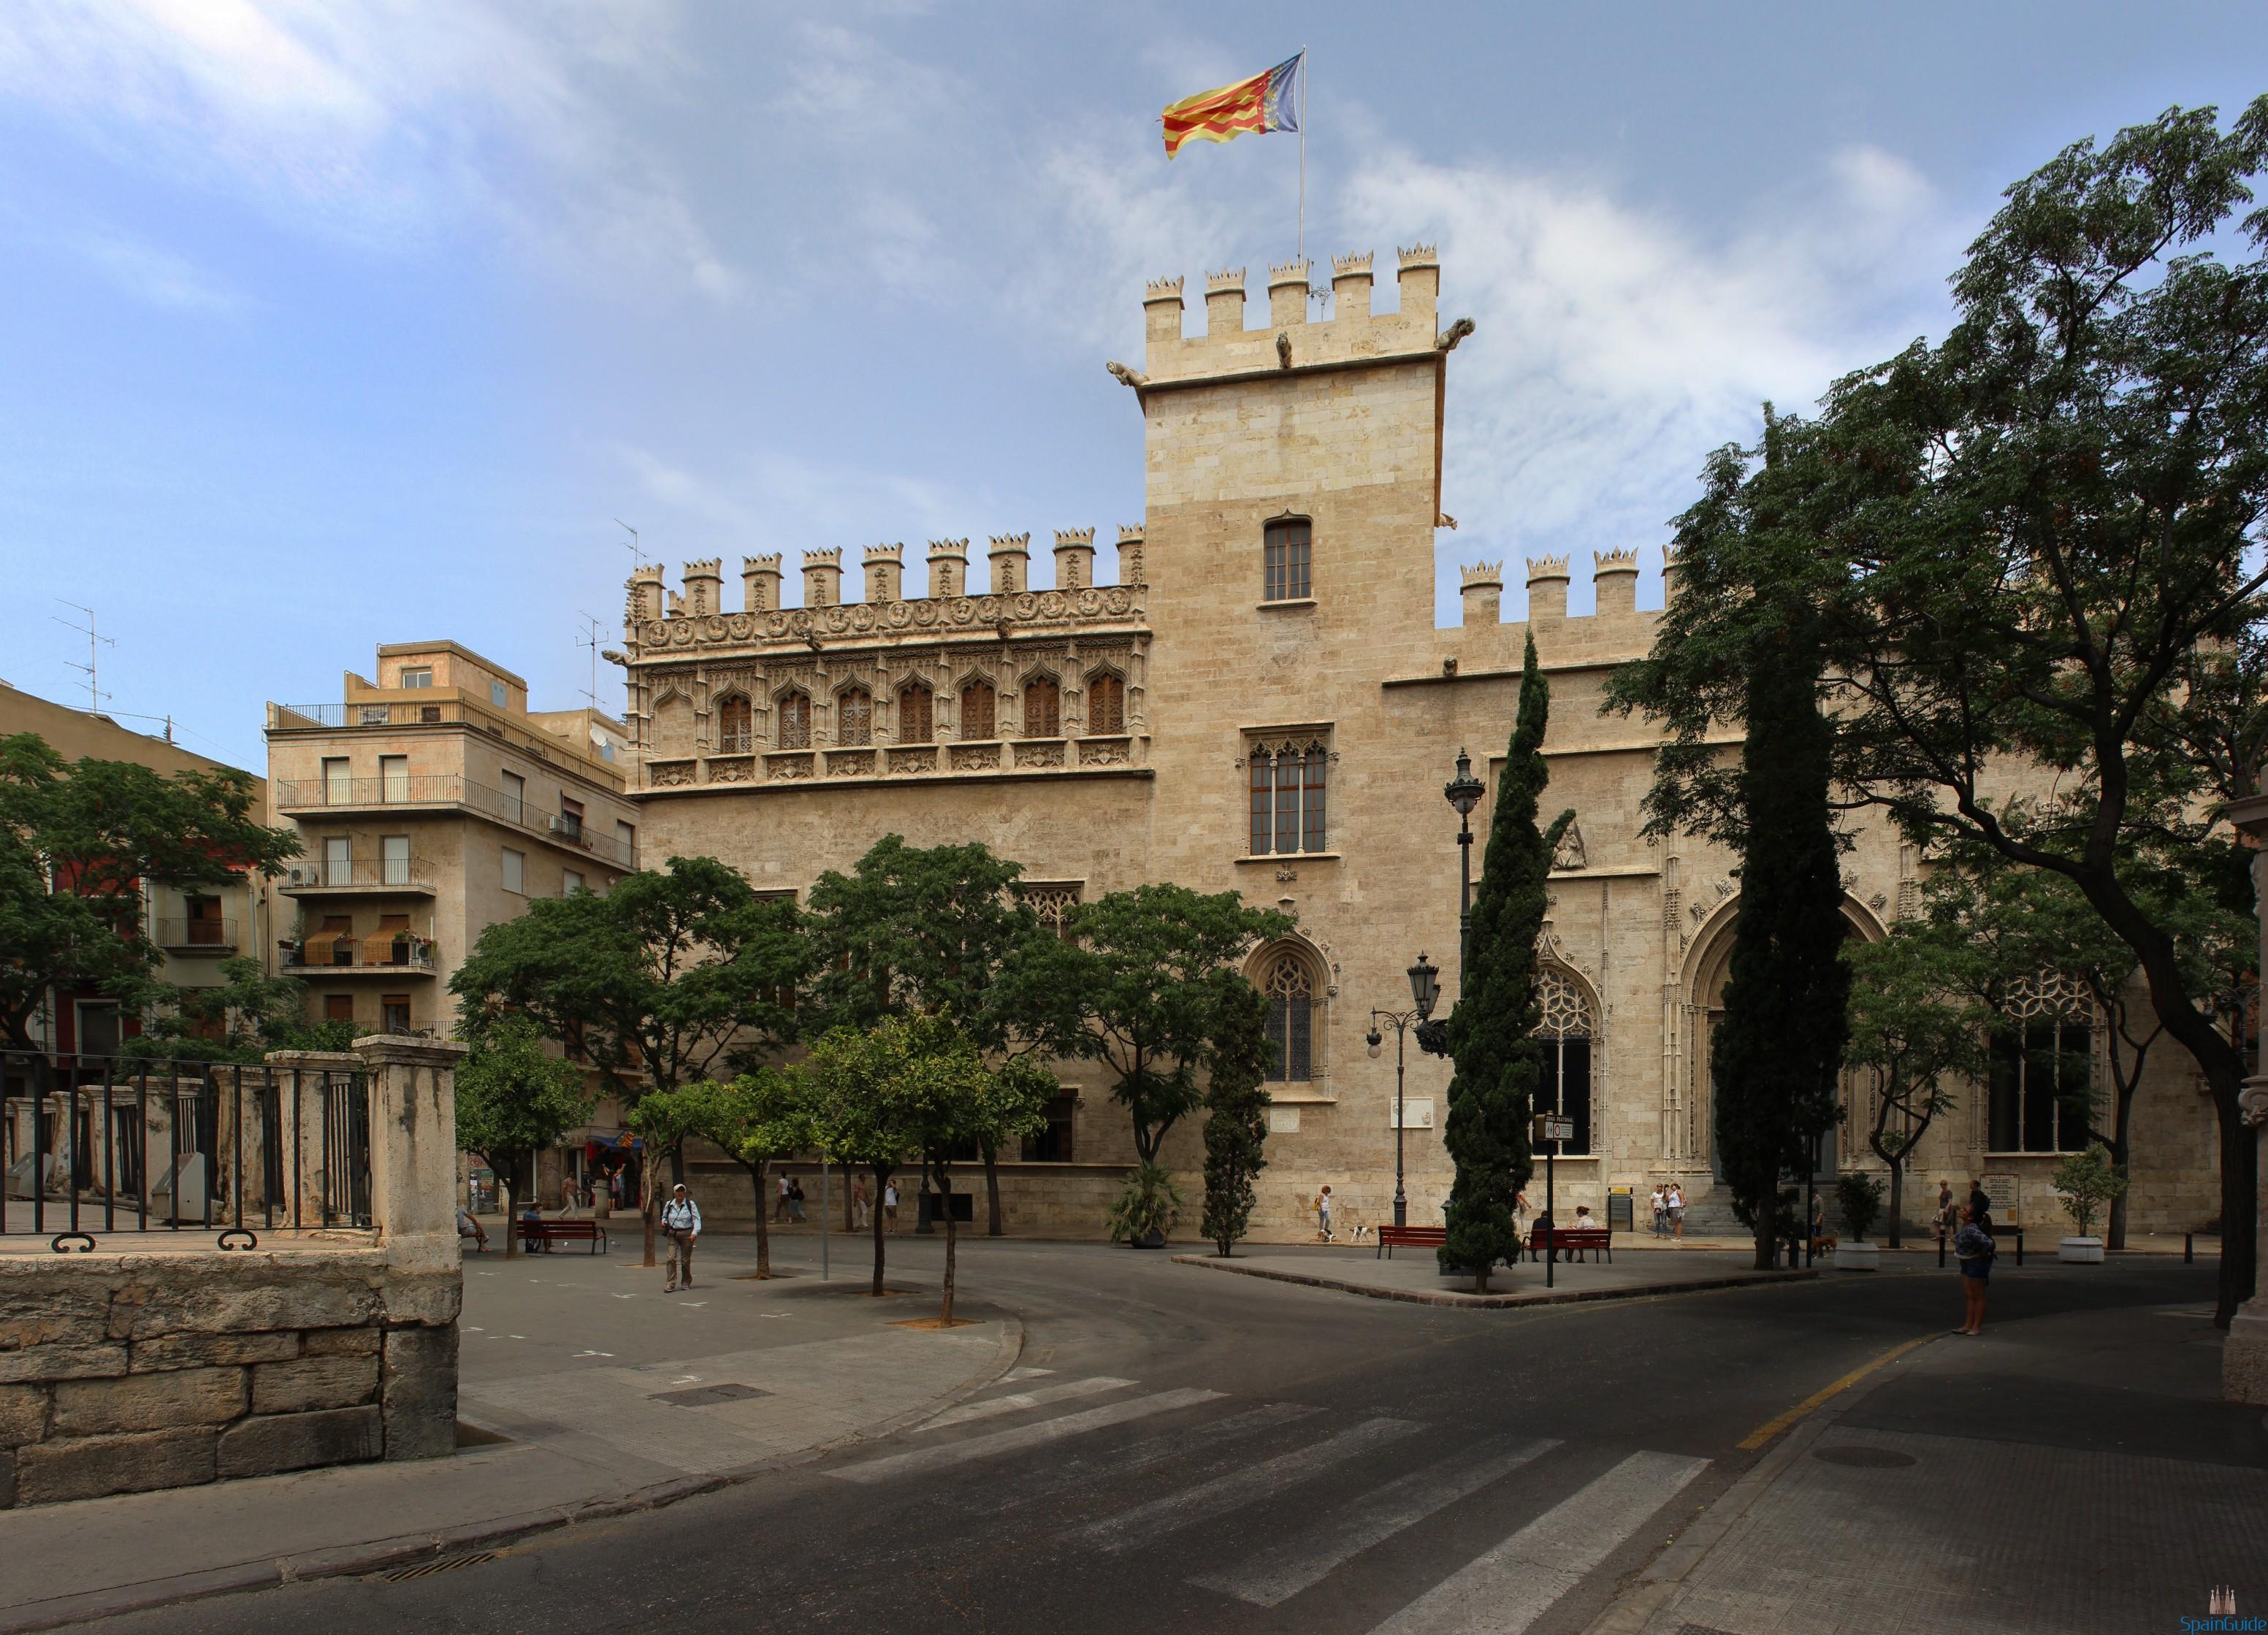 Fachada_de_la_Lonja_de_la_Seda_en_Valencia